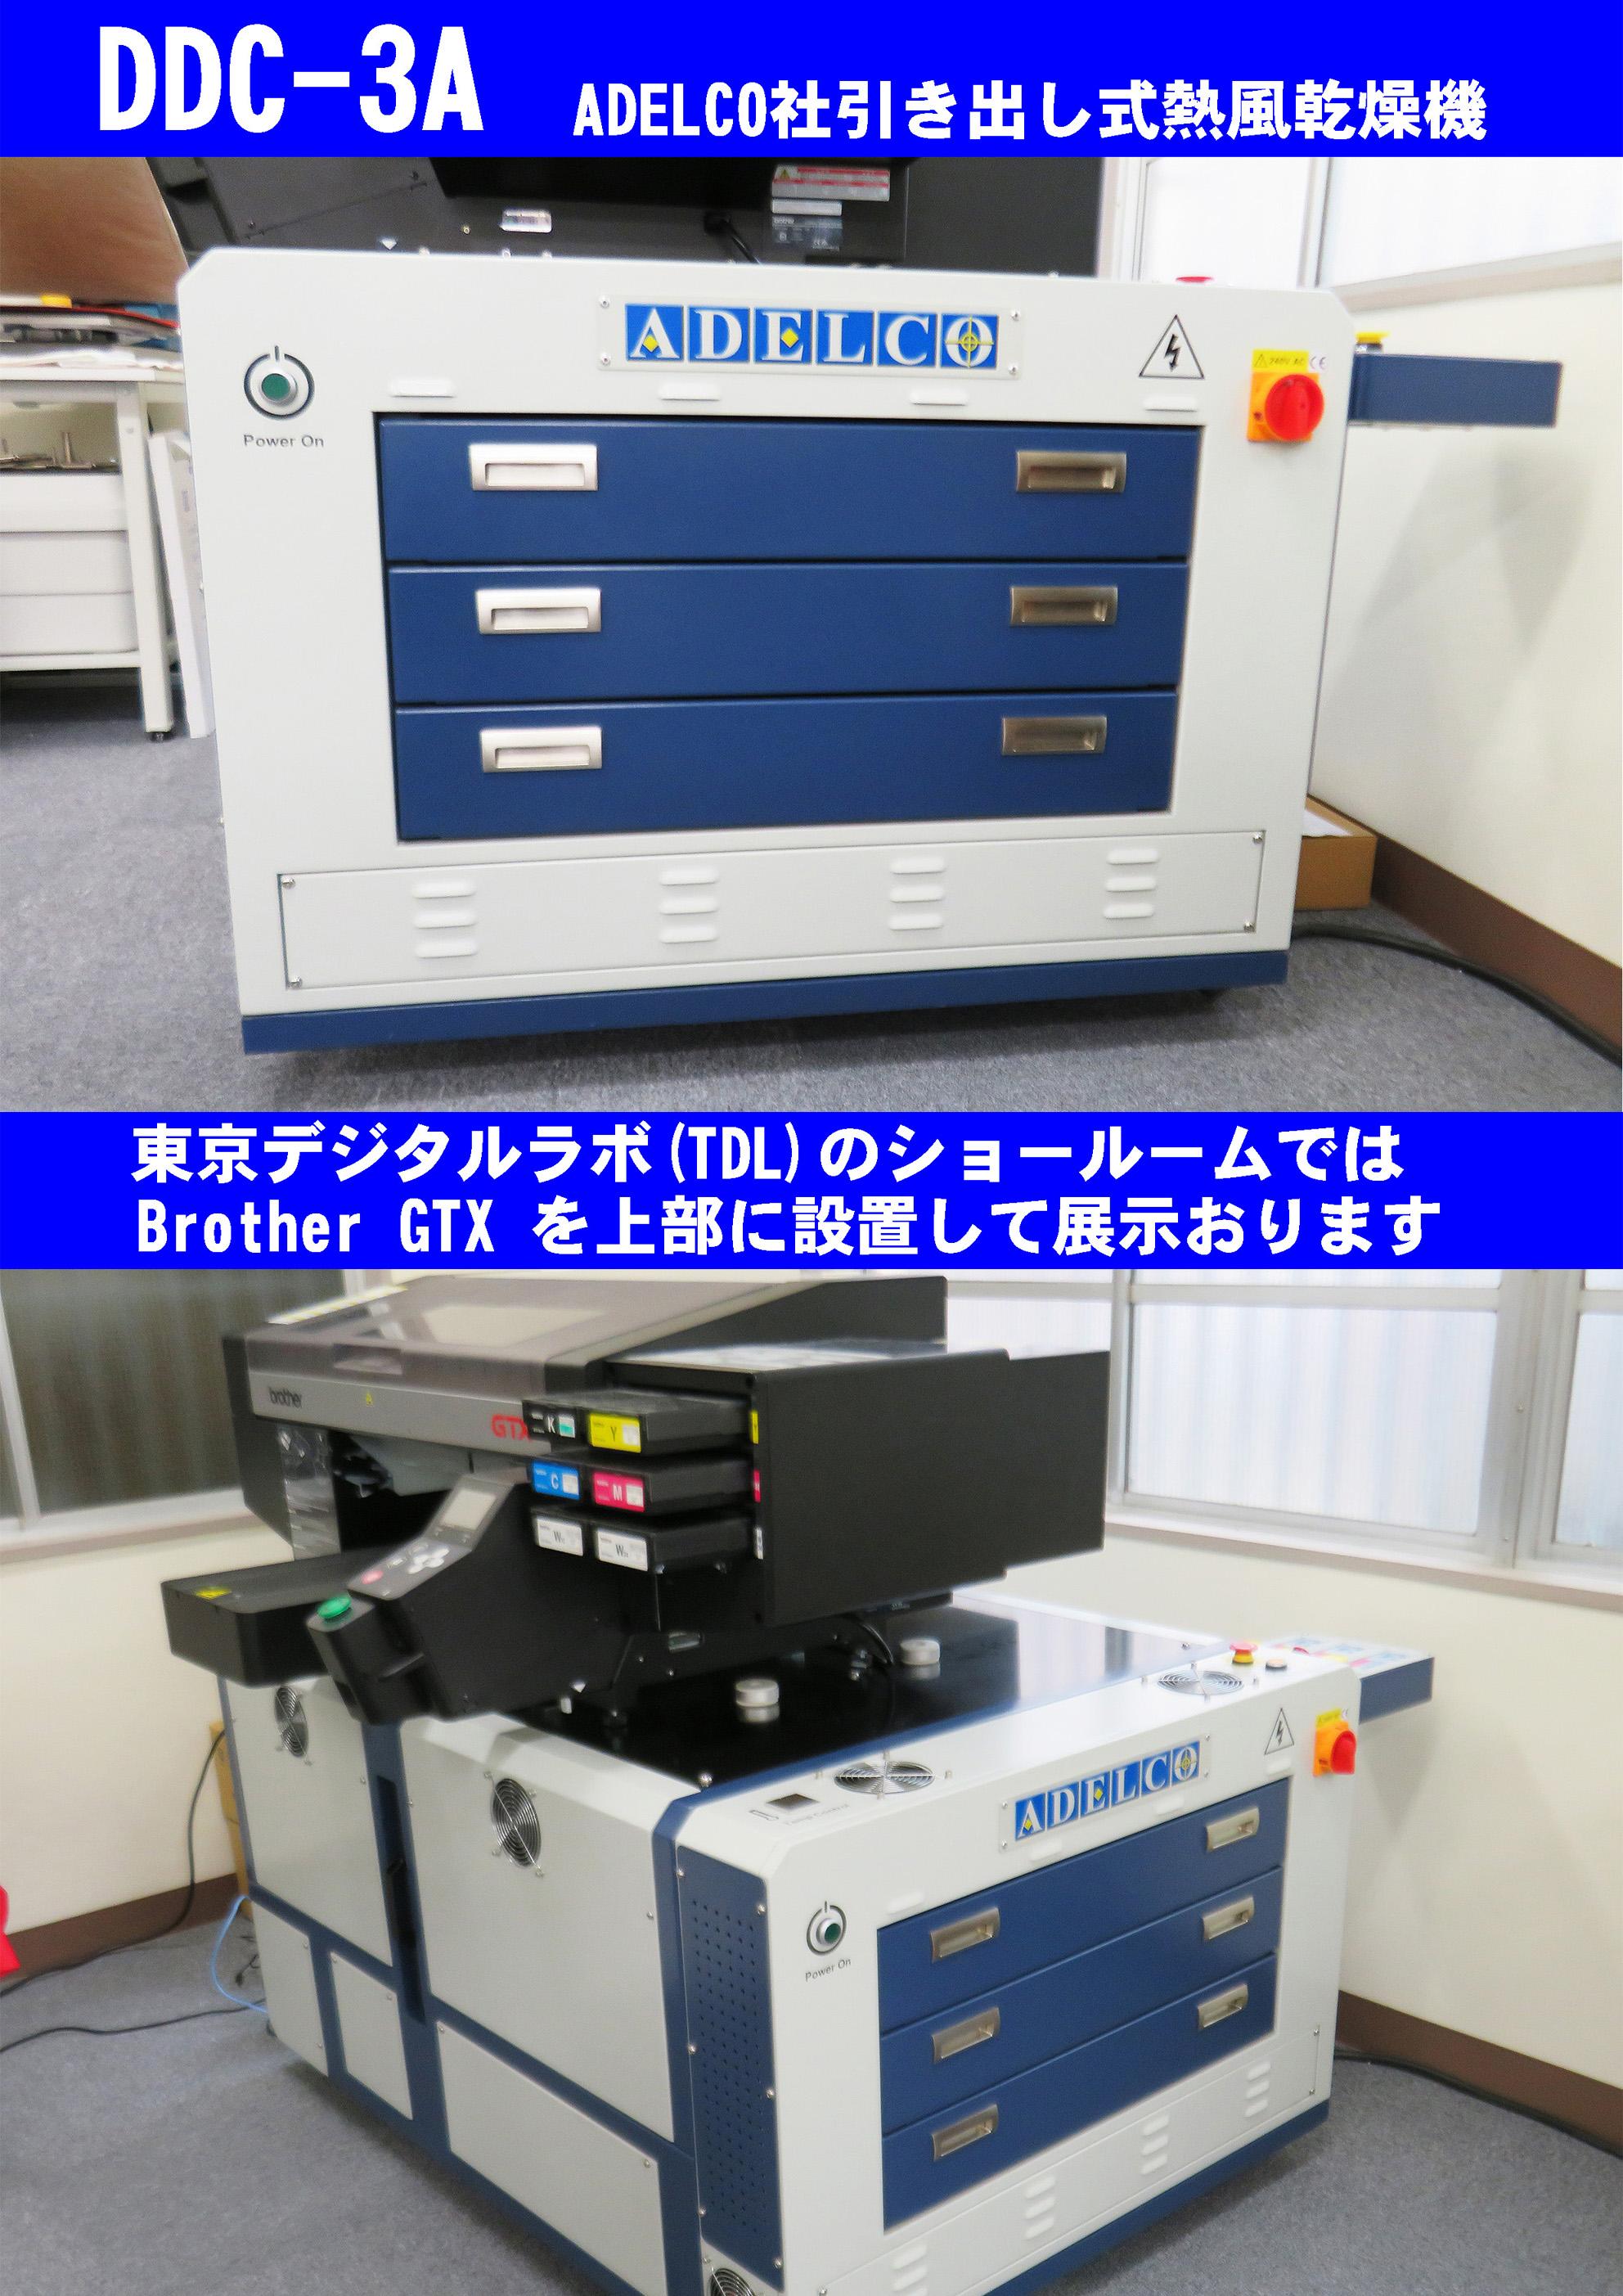 DDC-3Aが東京デジタルラボ(TDL)のショールームに登場